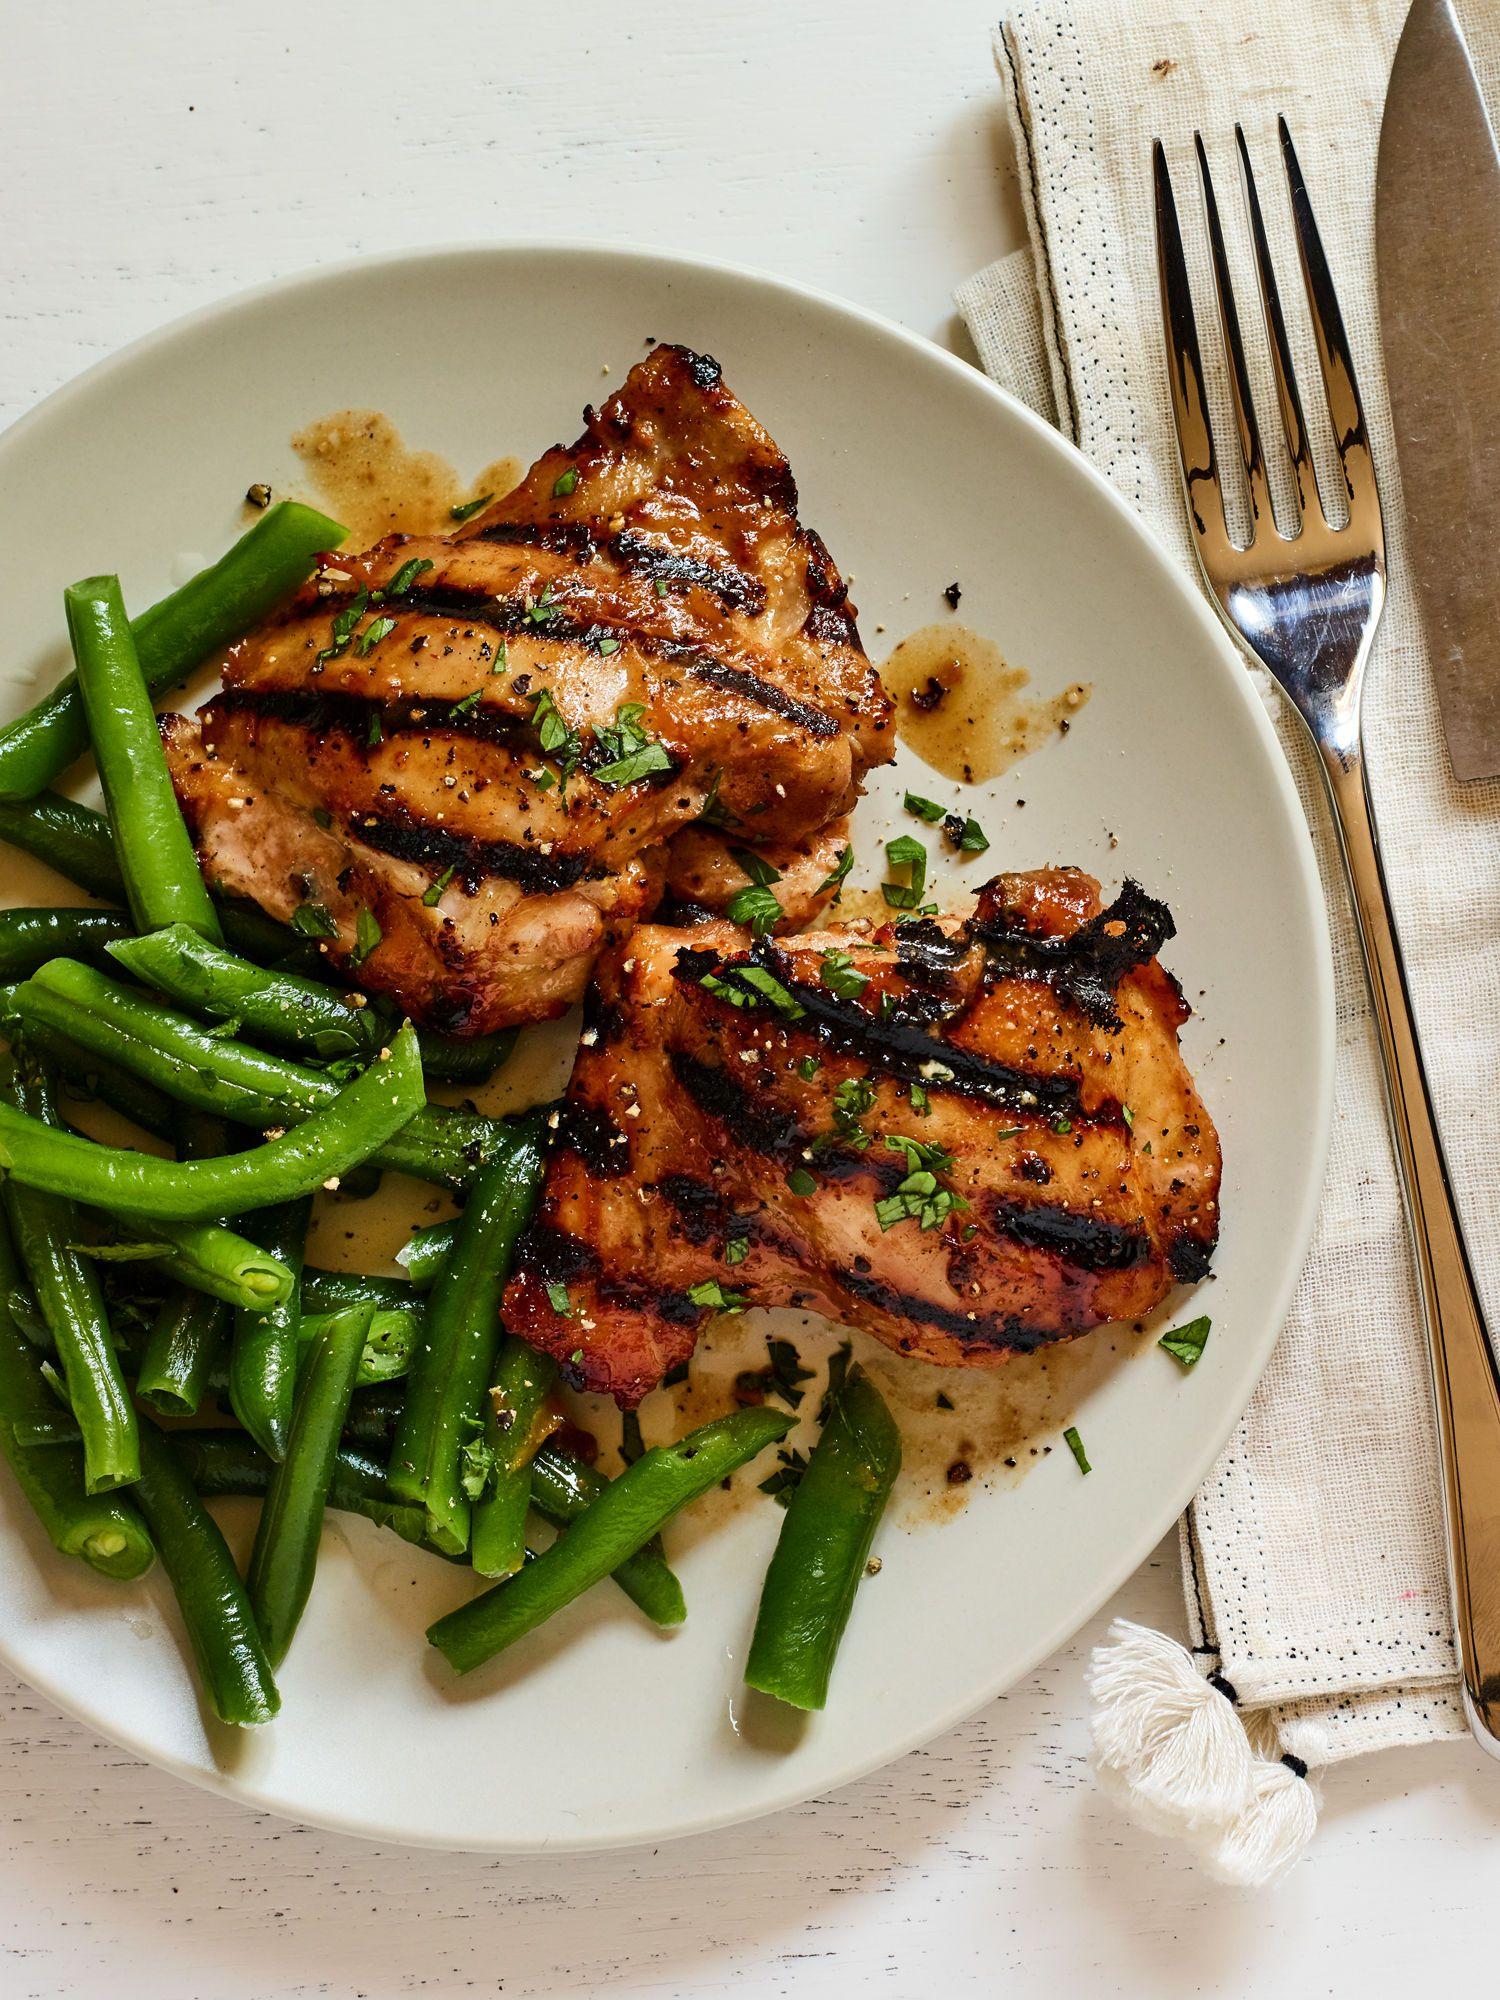 5 Ingredient Savory Boneless Chicken Thighs Pargiot Recipe Chicken And Beef Recipe Boneless Chicken Thighs Easy Chicken Recipes